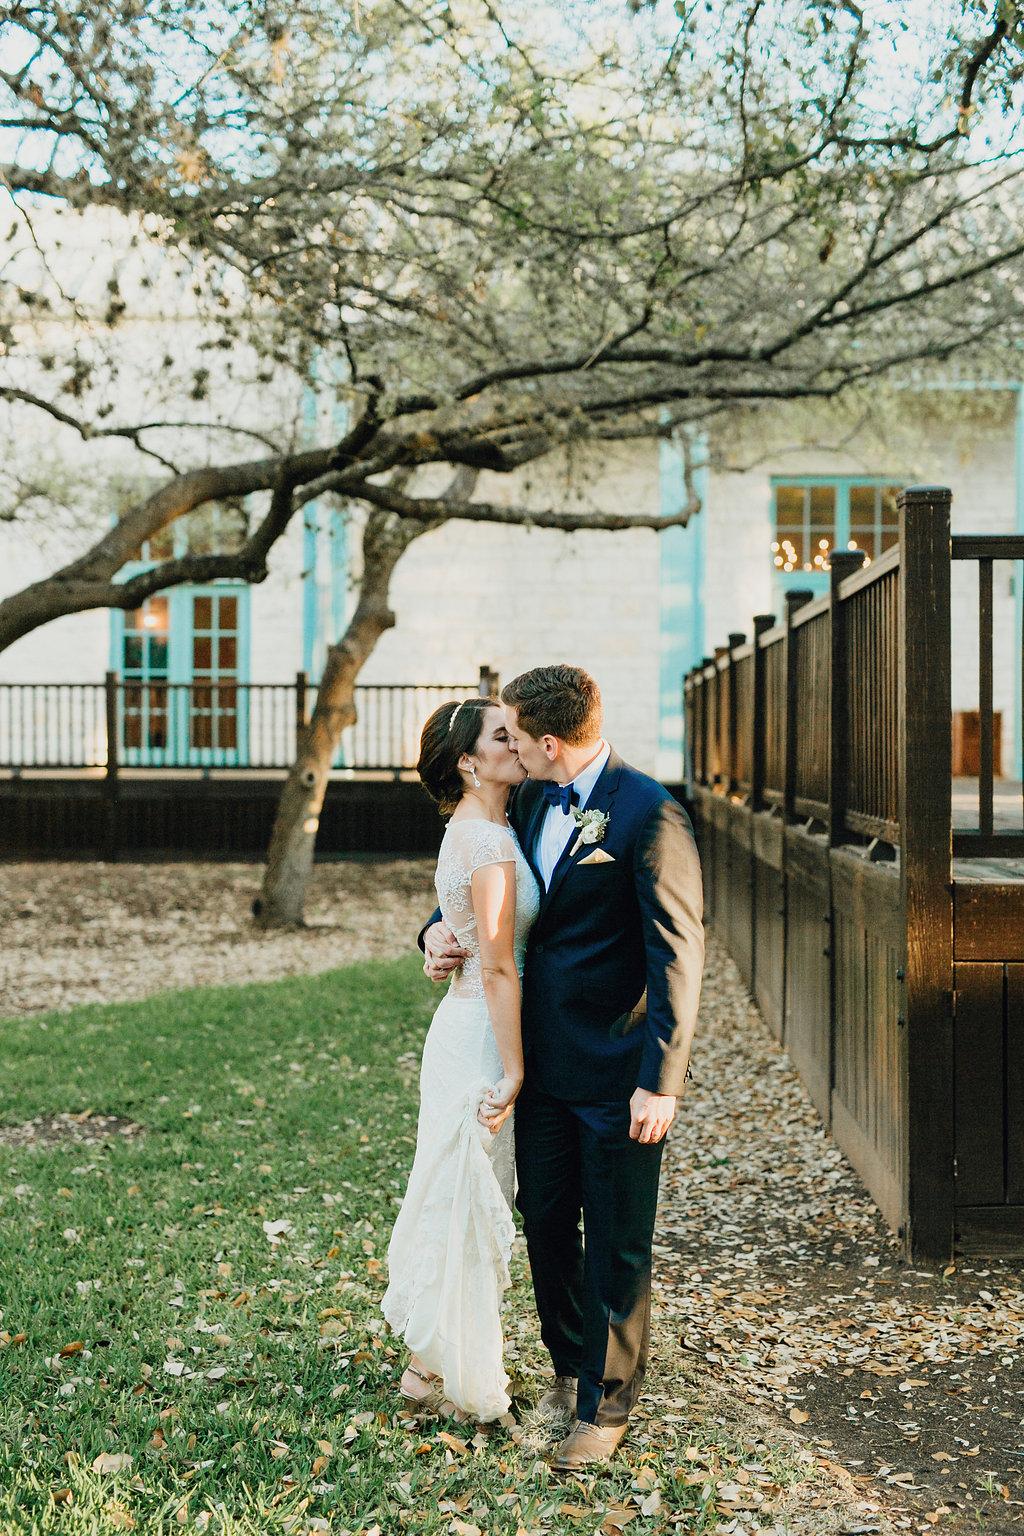 carly+brian_wedding-497.jpg